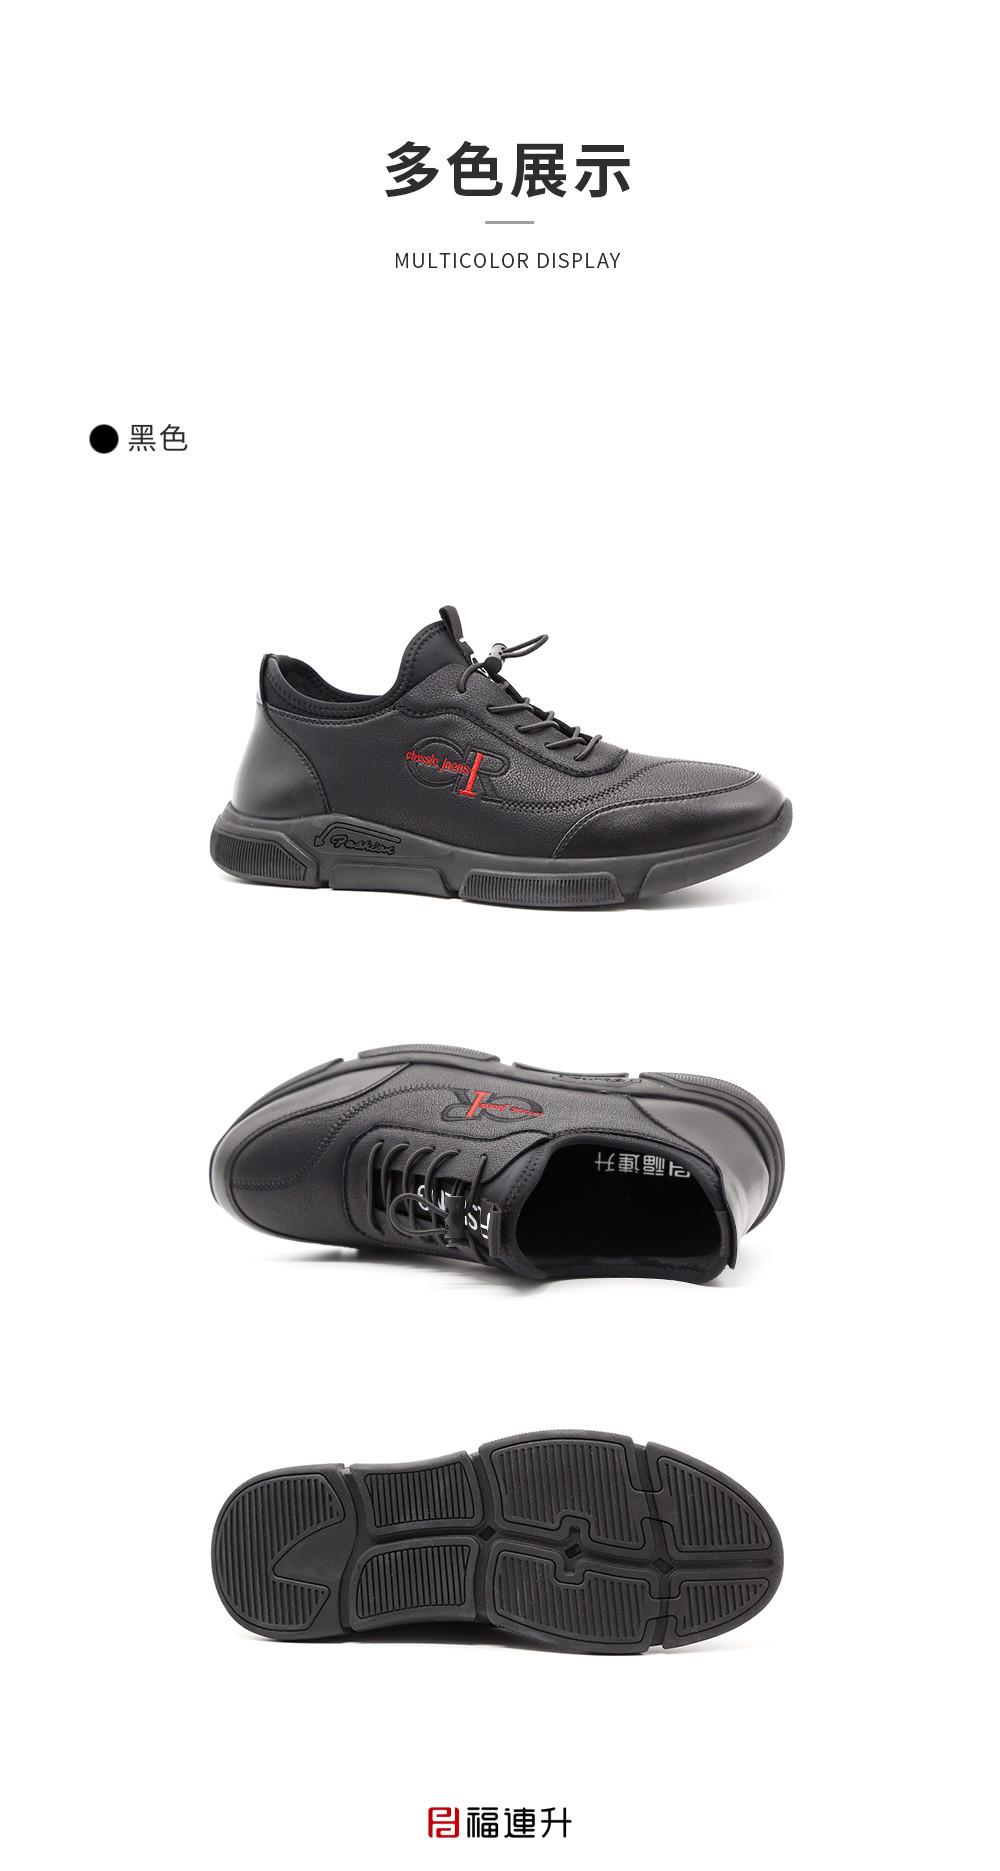 福连升2020冬季新款男舒适防滑时尚保暖休闲鞋运动鞋图片